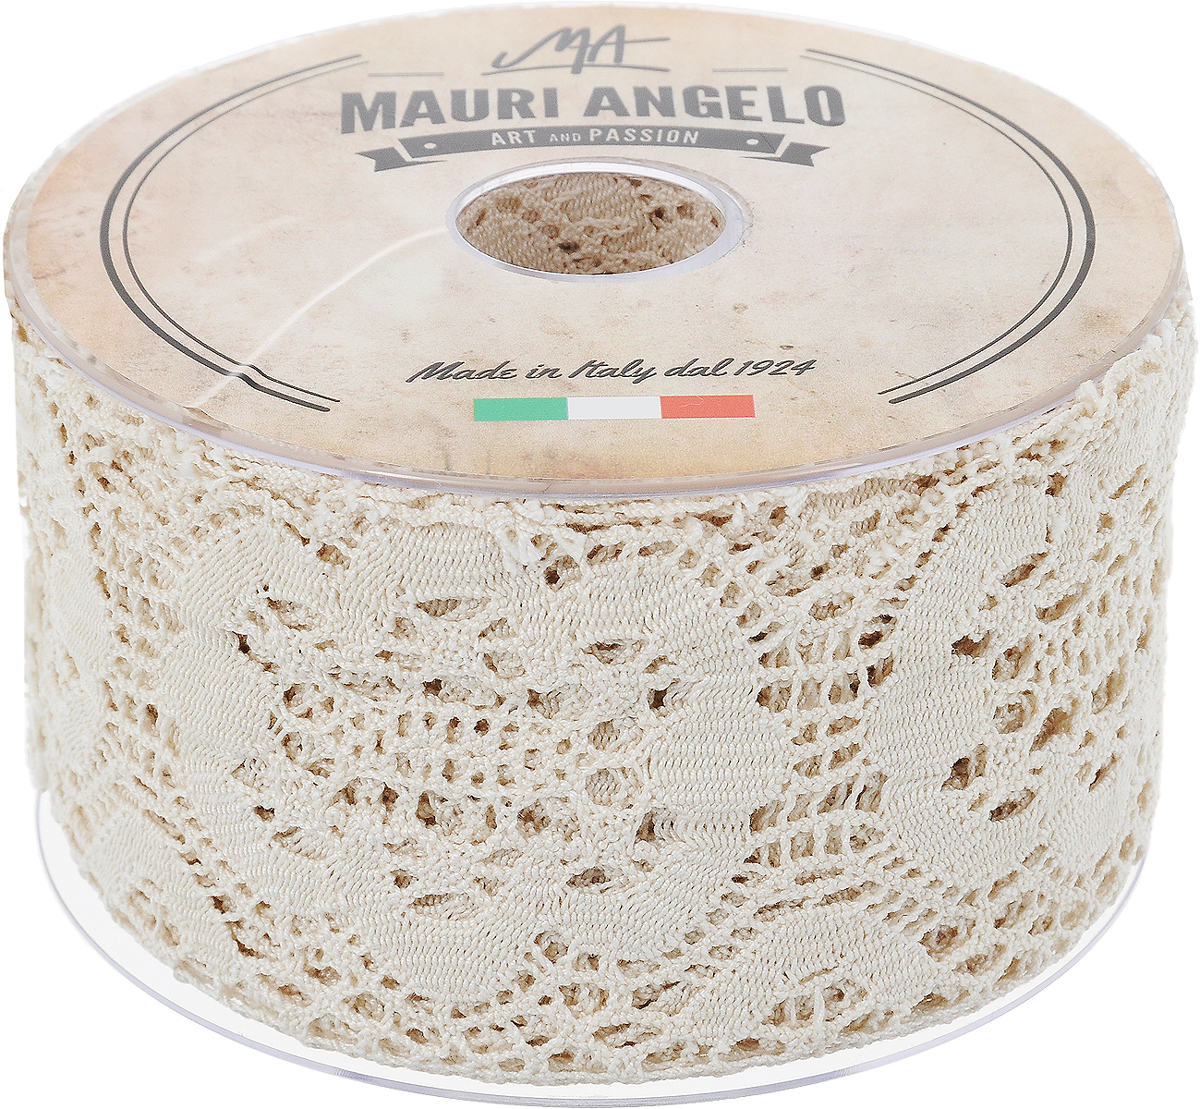 Лента кружевная Mauri Angelo, цвет: бежевый, 7,7 см х 10 мNN-612-LS-PLДекоративная кружевная лента Mauri Angelo выполнена из высококачественного хлопка. Кружево применяется для отделки одежды, постельного белья, а также в оформлении интерьера, декоративных панно, скатертей, тюлей, покрывал. Главные особенности кружева - воздушность, тонкость, эластичность, узорность.Такая лента станет незаменимым элементом в создании рукотворного шедевра.